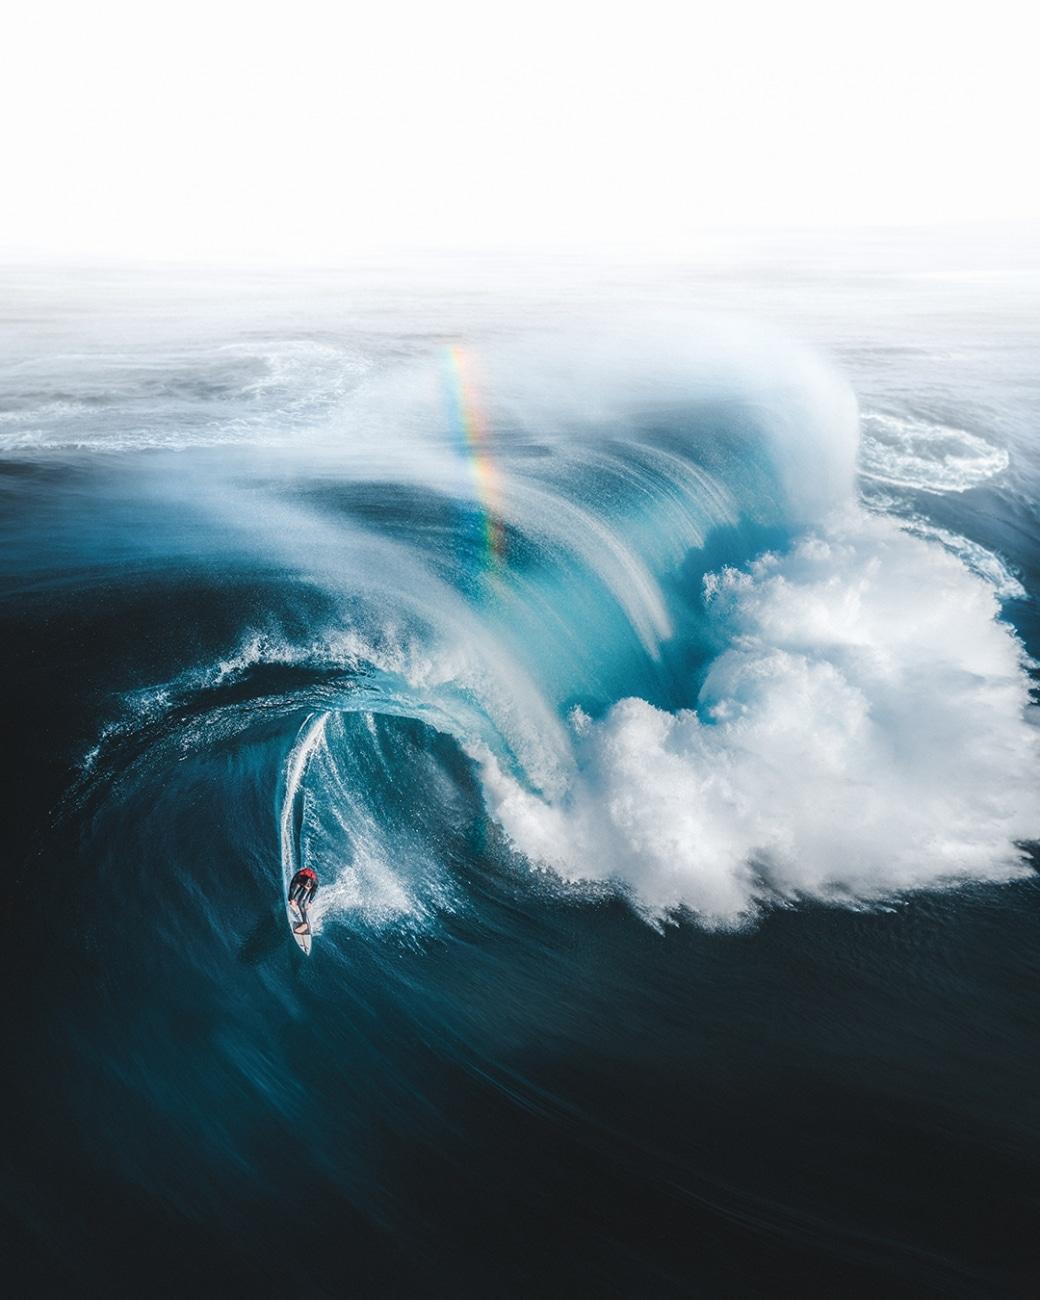 Surfer sur les vagues en Australie sous un arc-en-ciel